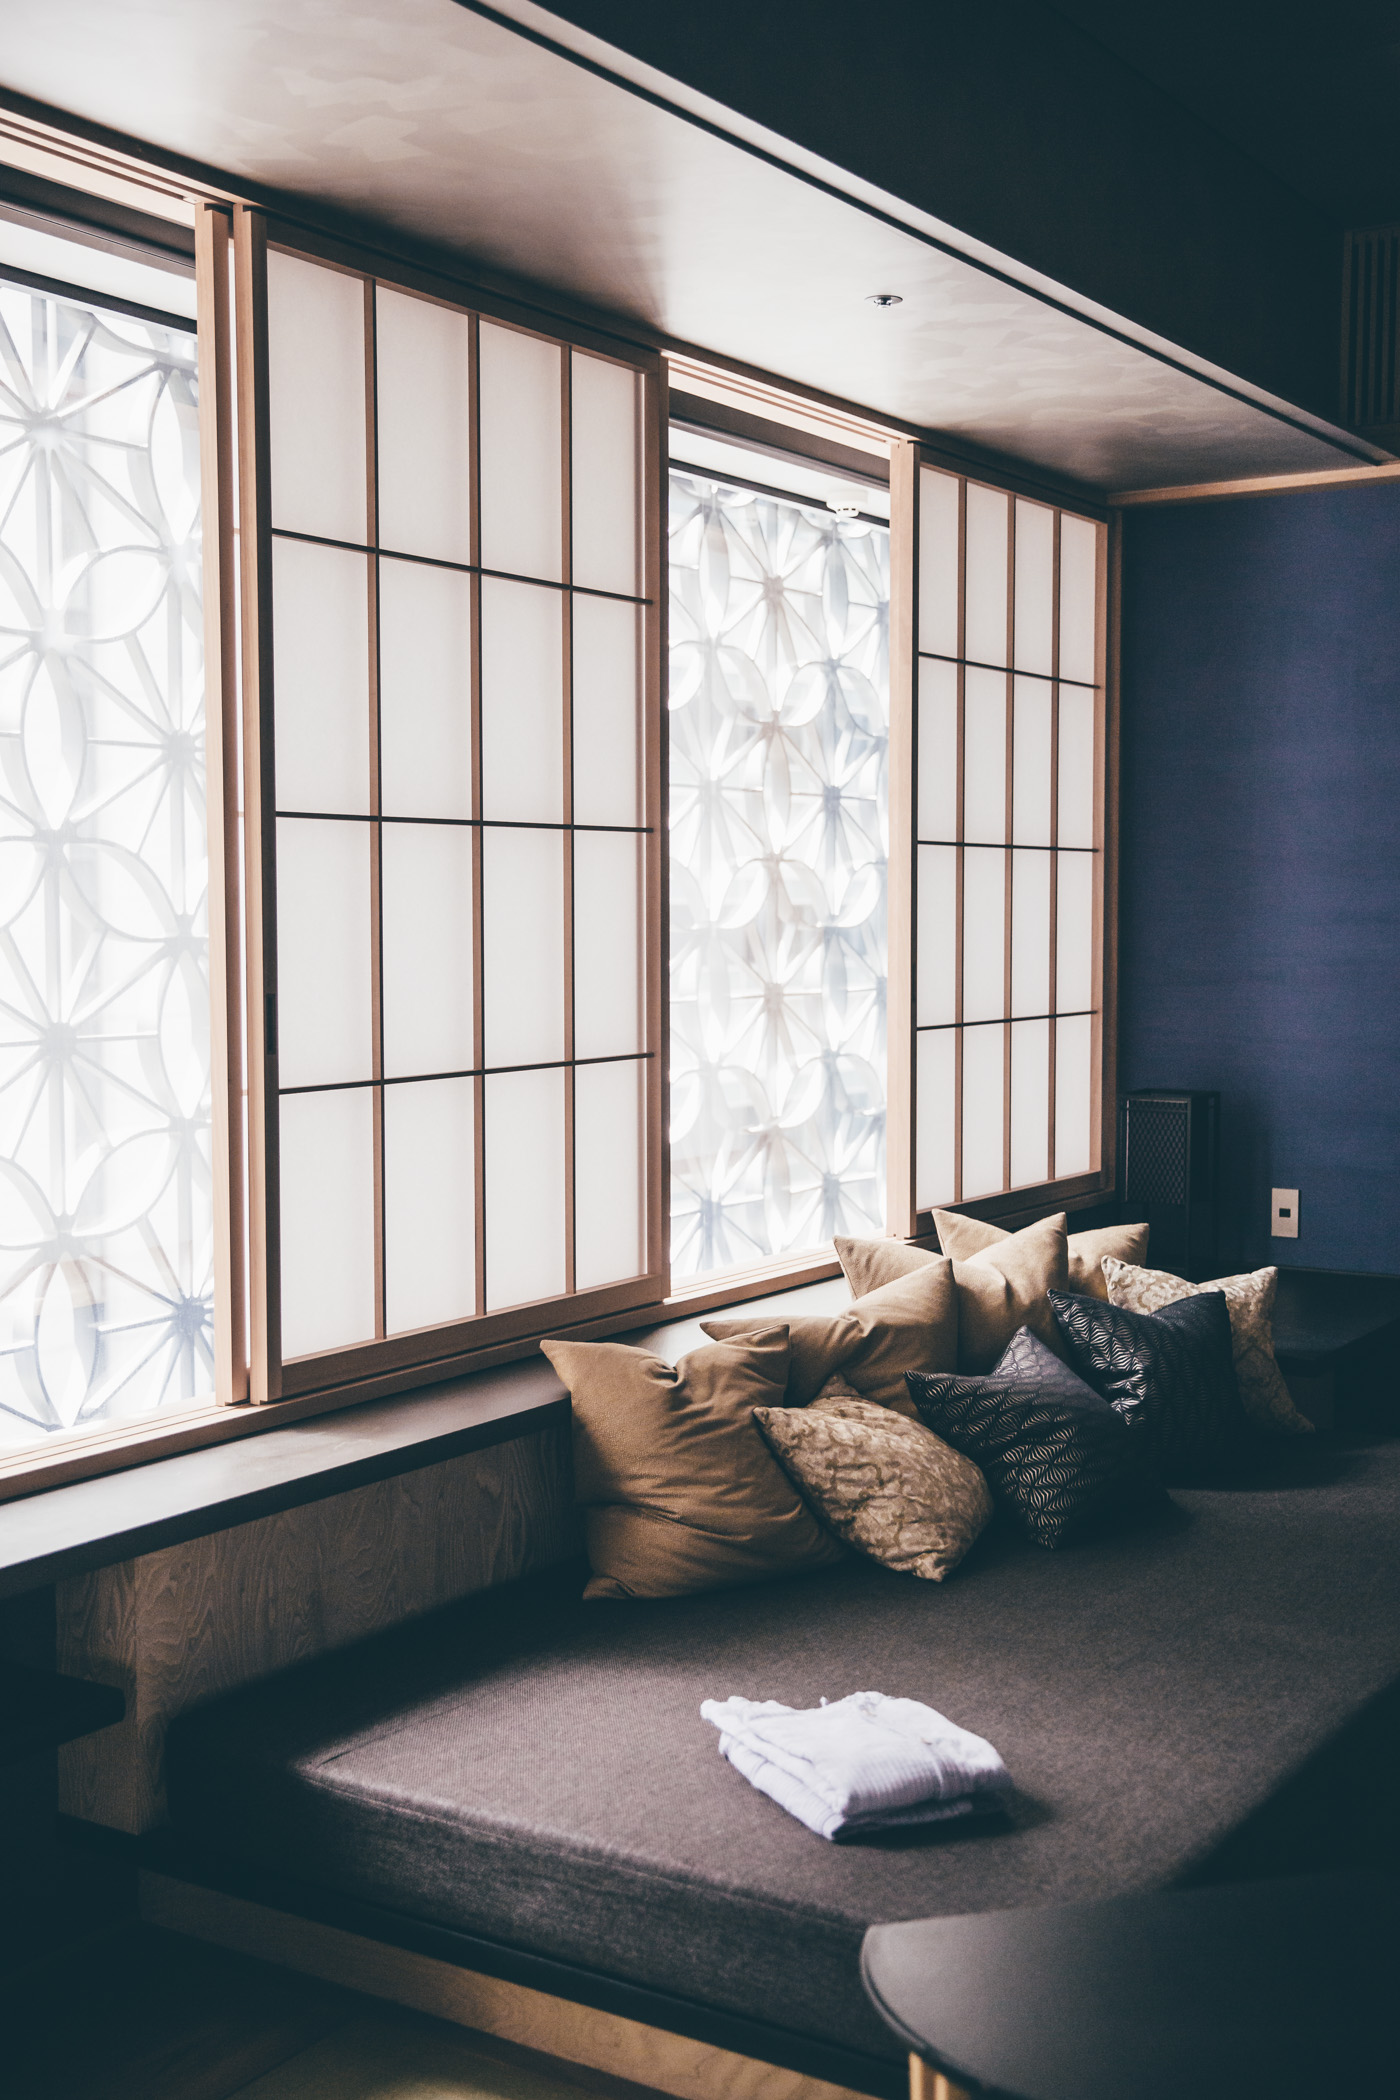 Hoshinoya Tokyo